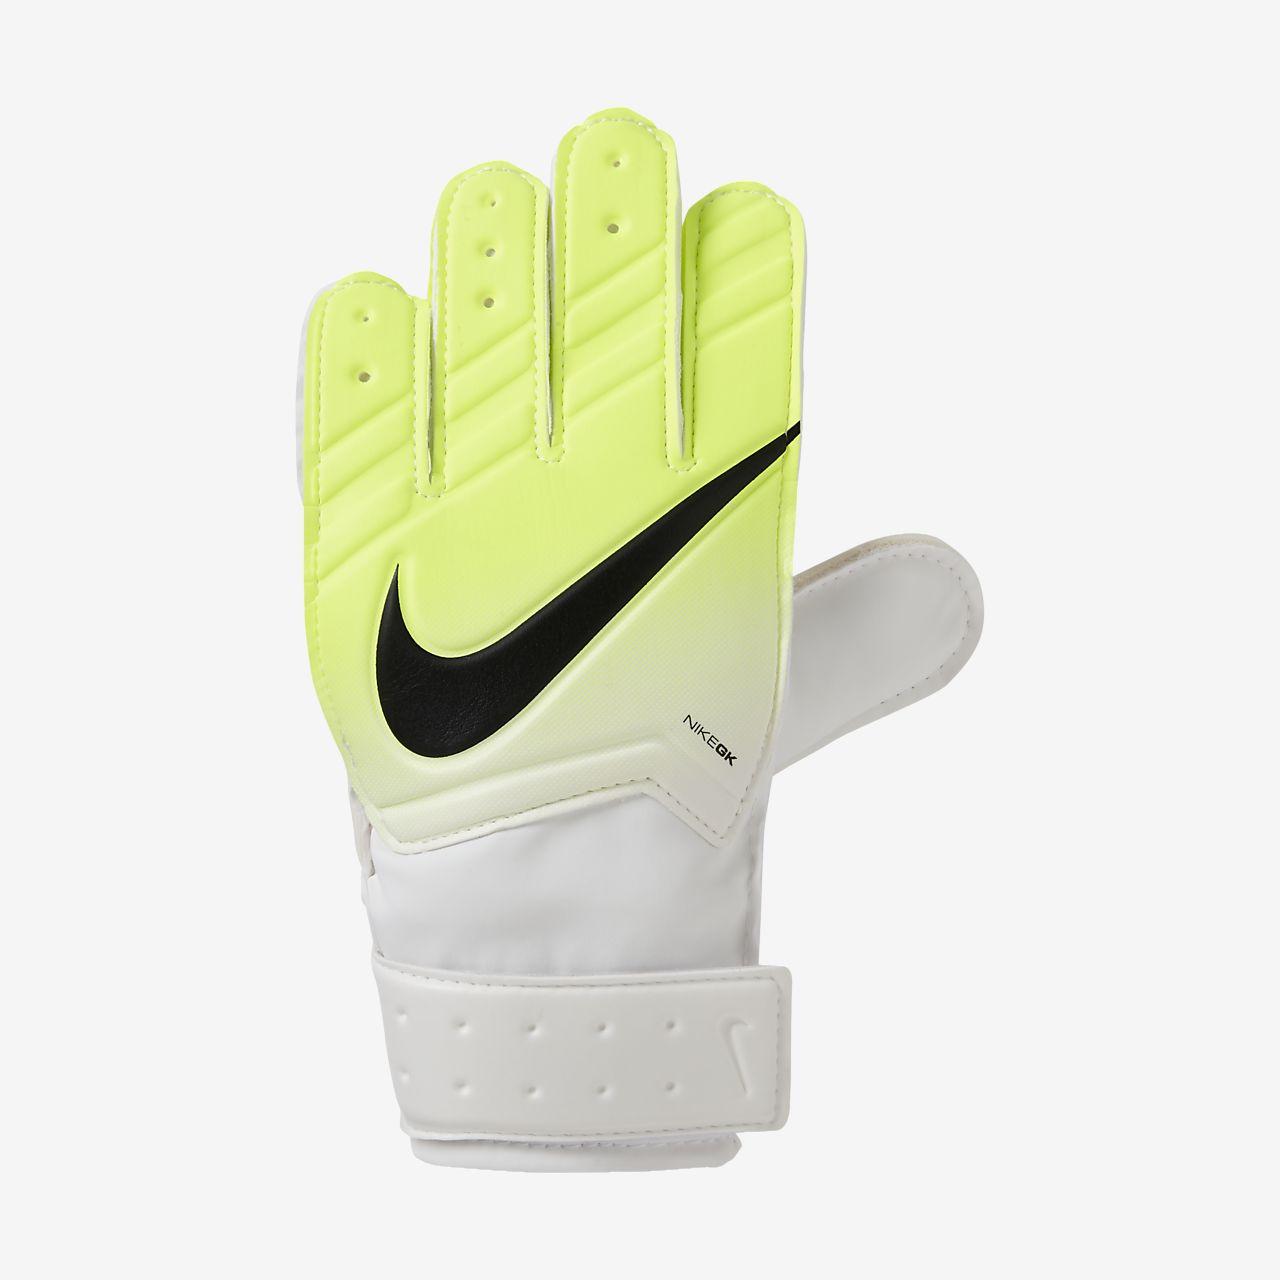 Fotbalové rukavice Nike Junior Match Goalkeeper pro větší děti